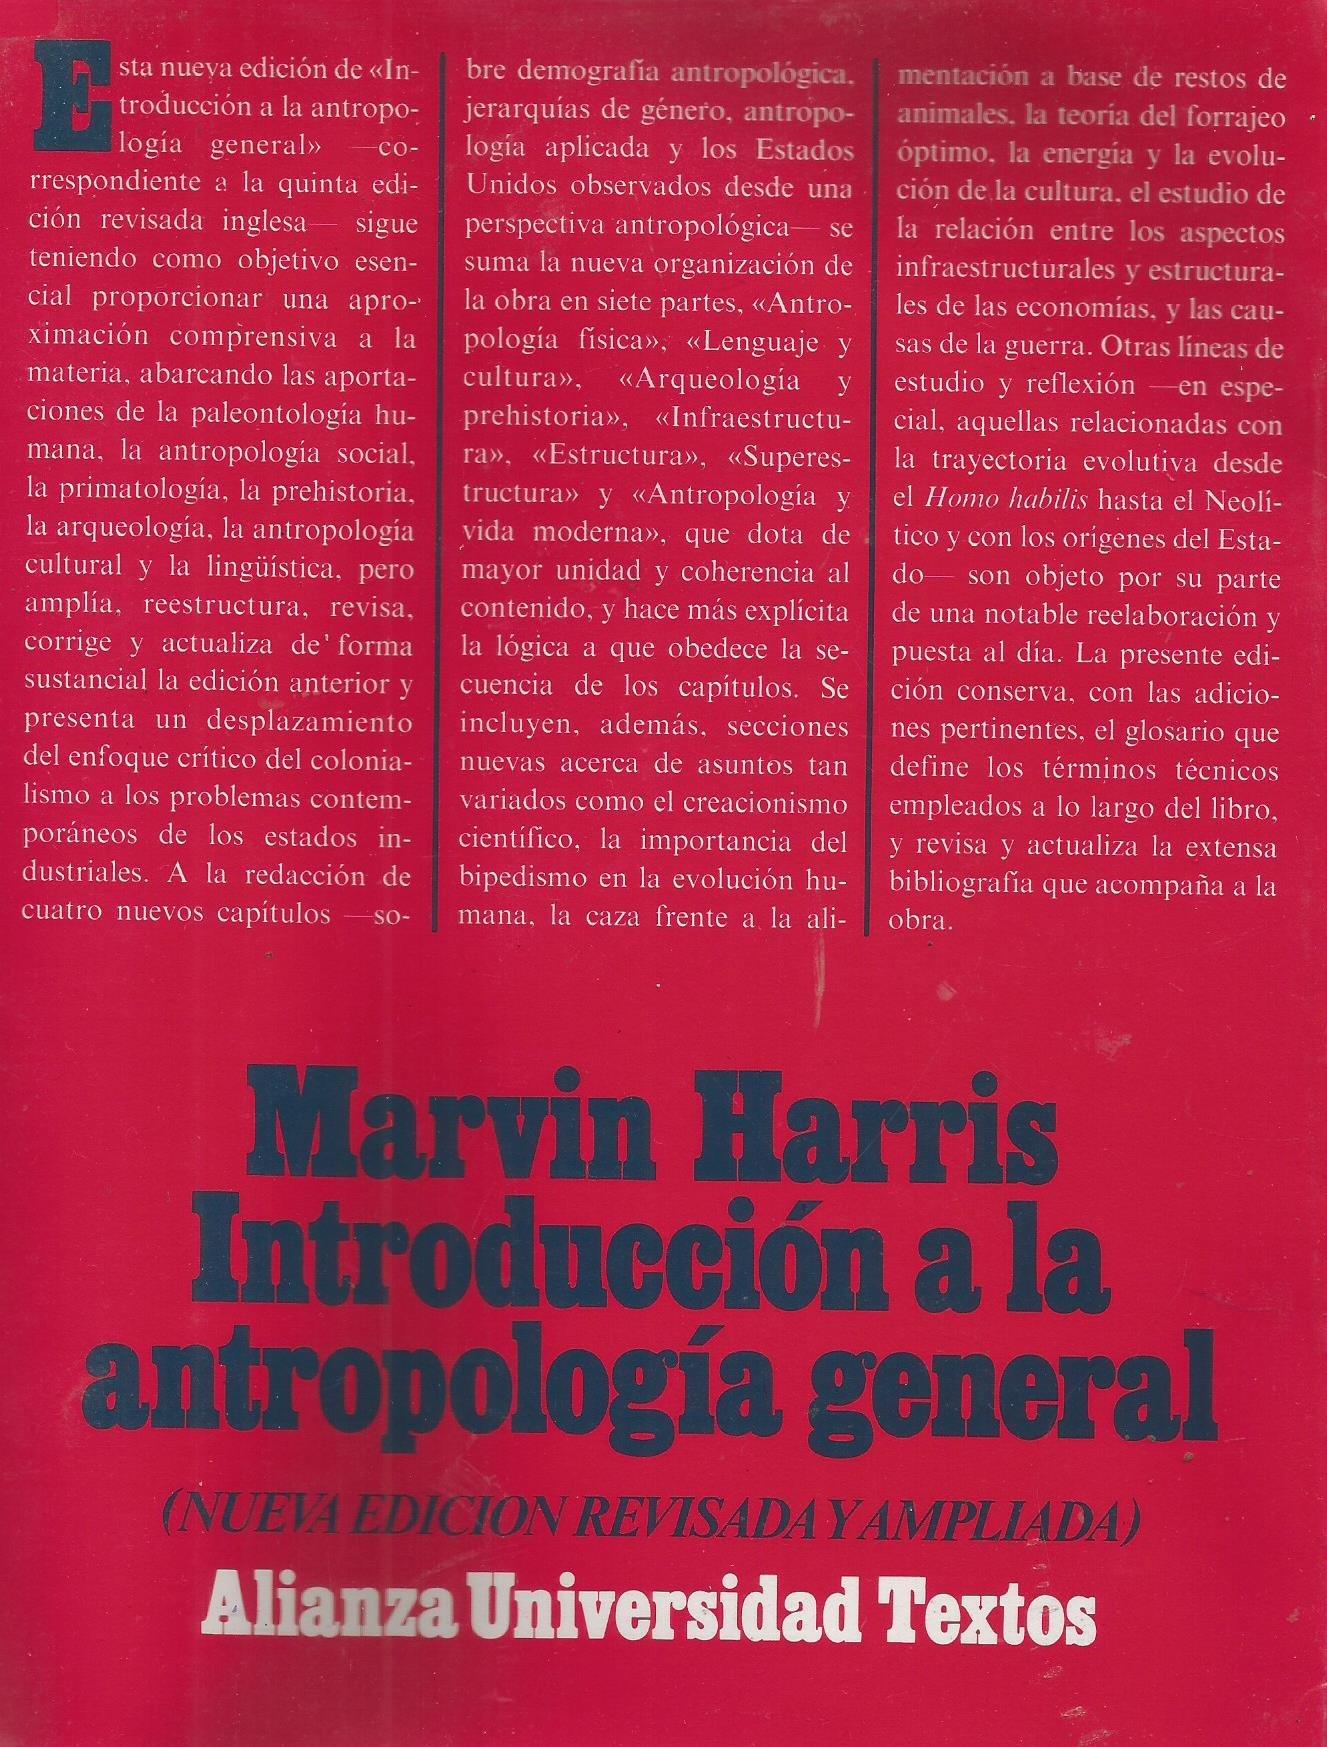 marvin harris - portada libro